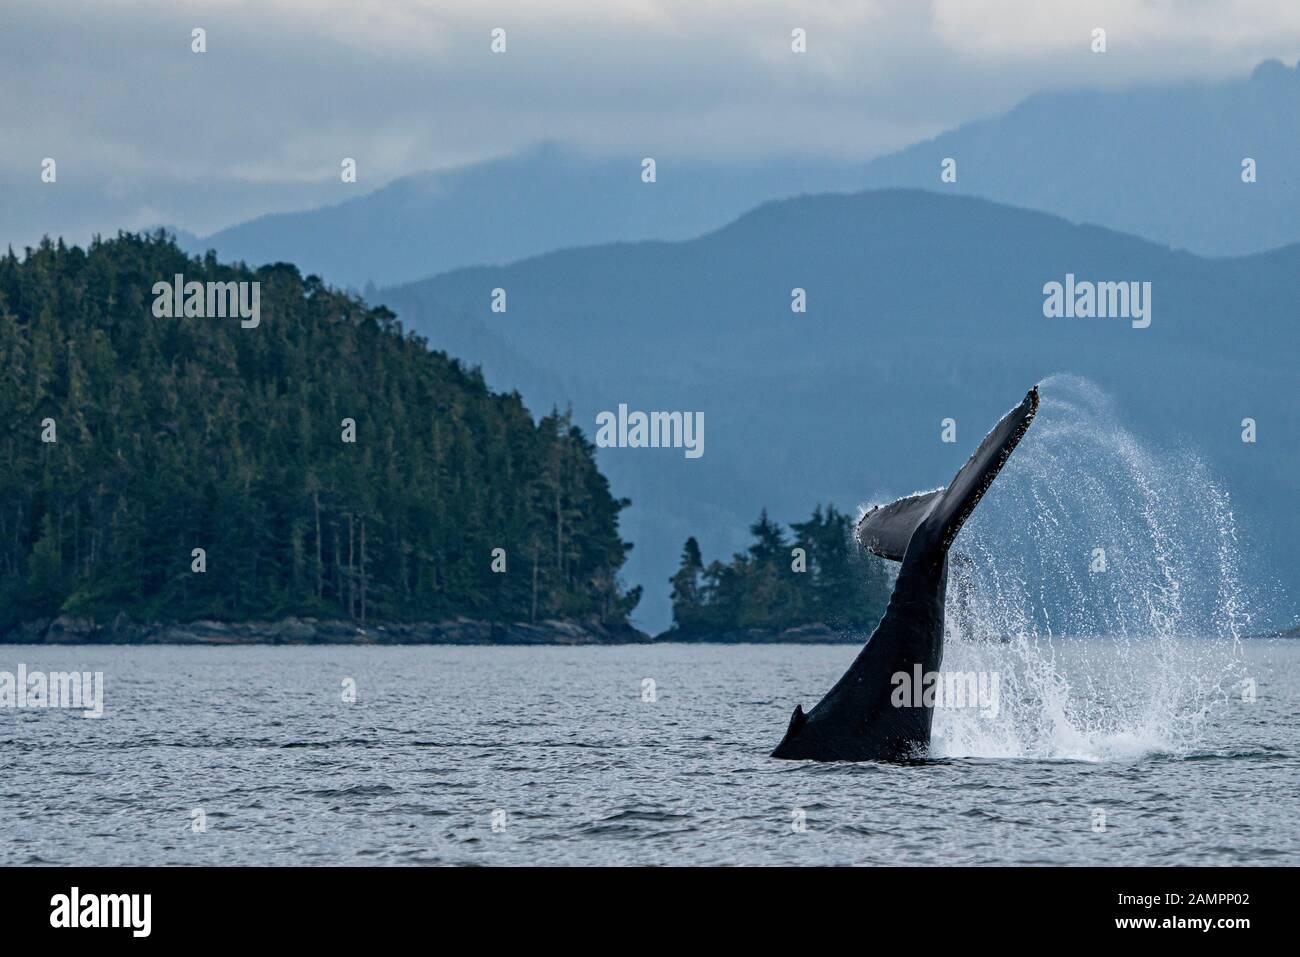 La cola de ballena jorobada está cerca de Blackfish Sound, en la isla de Vancouver, cerca del Archipiélago de Broughton, Territorio De Las Primeras Naciones, Isla de Vancouver, Brit Foto de stock